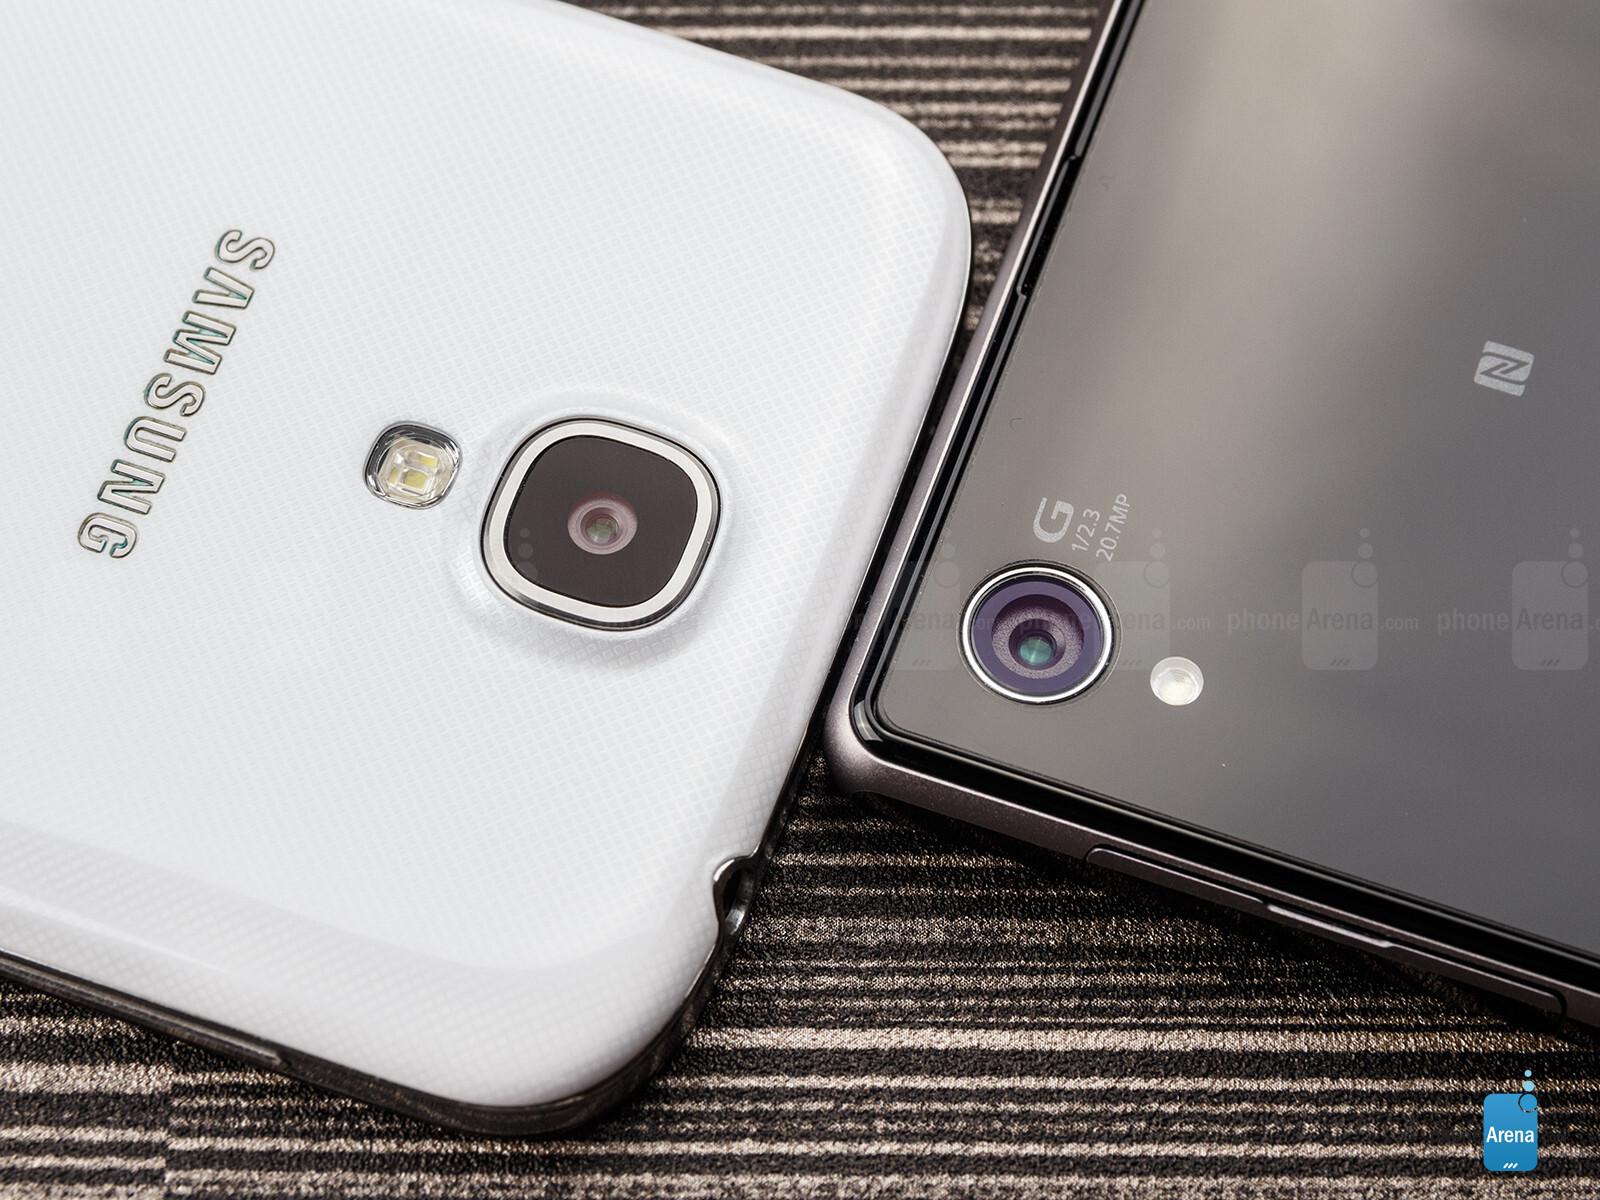 Xperia Z Vs Galaxy S4 Vs Iphone 5 Sony Xperia Z1 vs Sams...